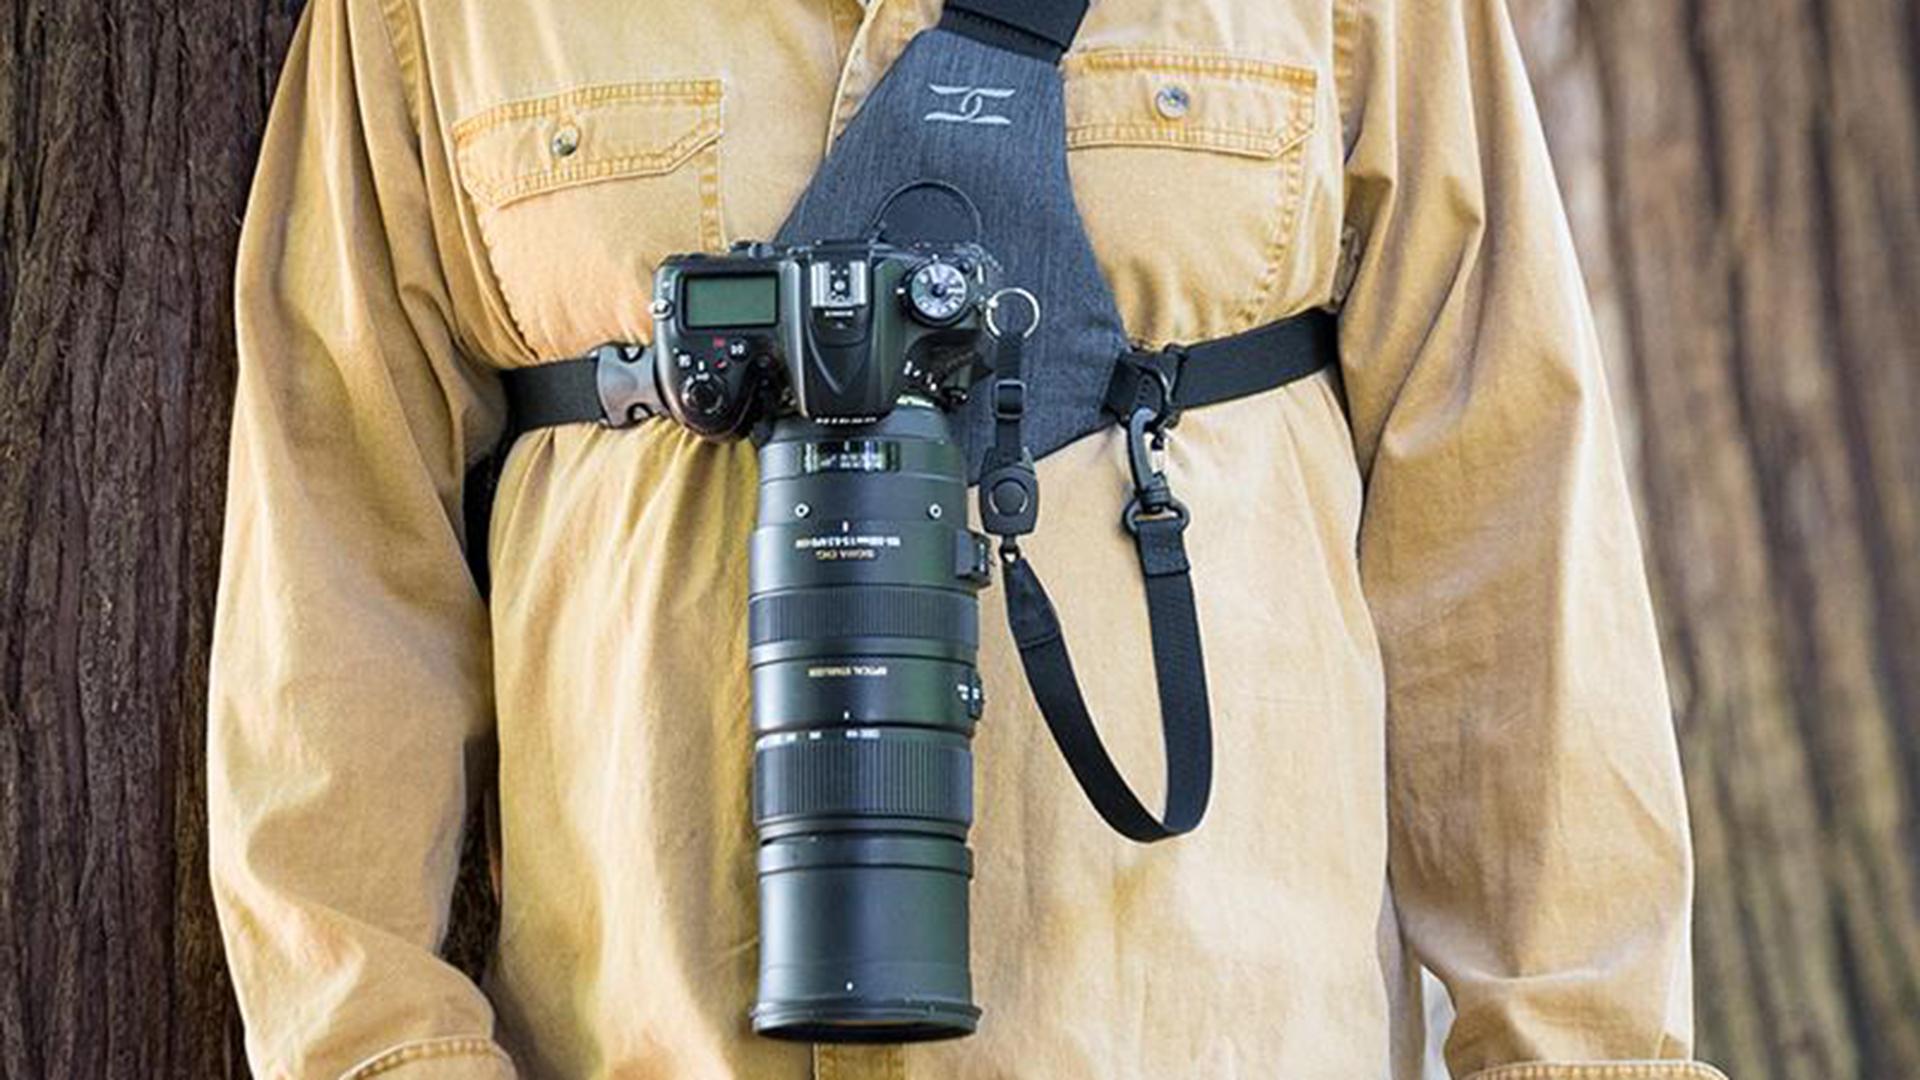 コットンキャリア(Cotton Carrier)のSKOUT - 両手が自由になるカメラホルダー